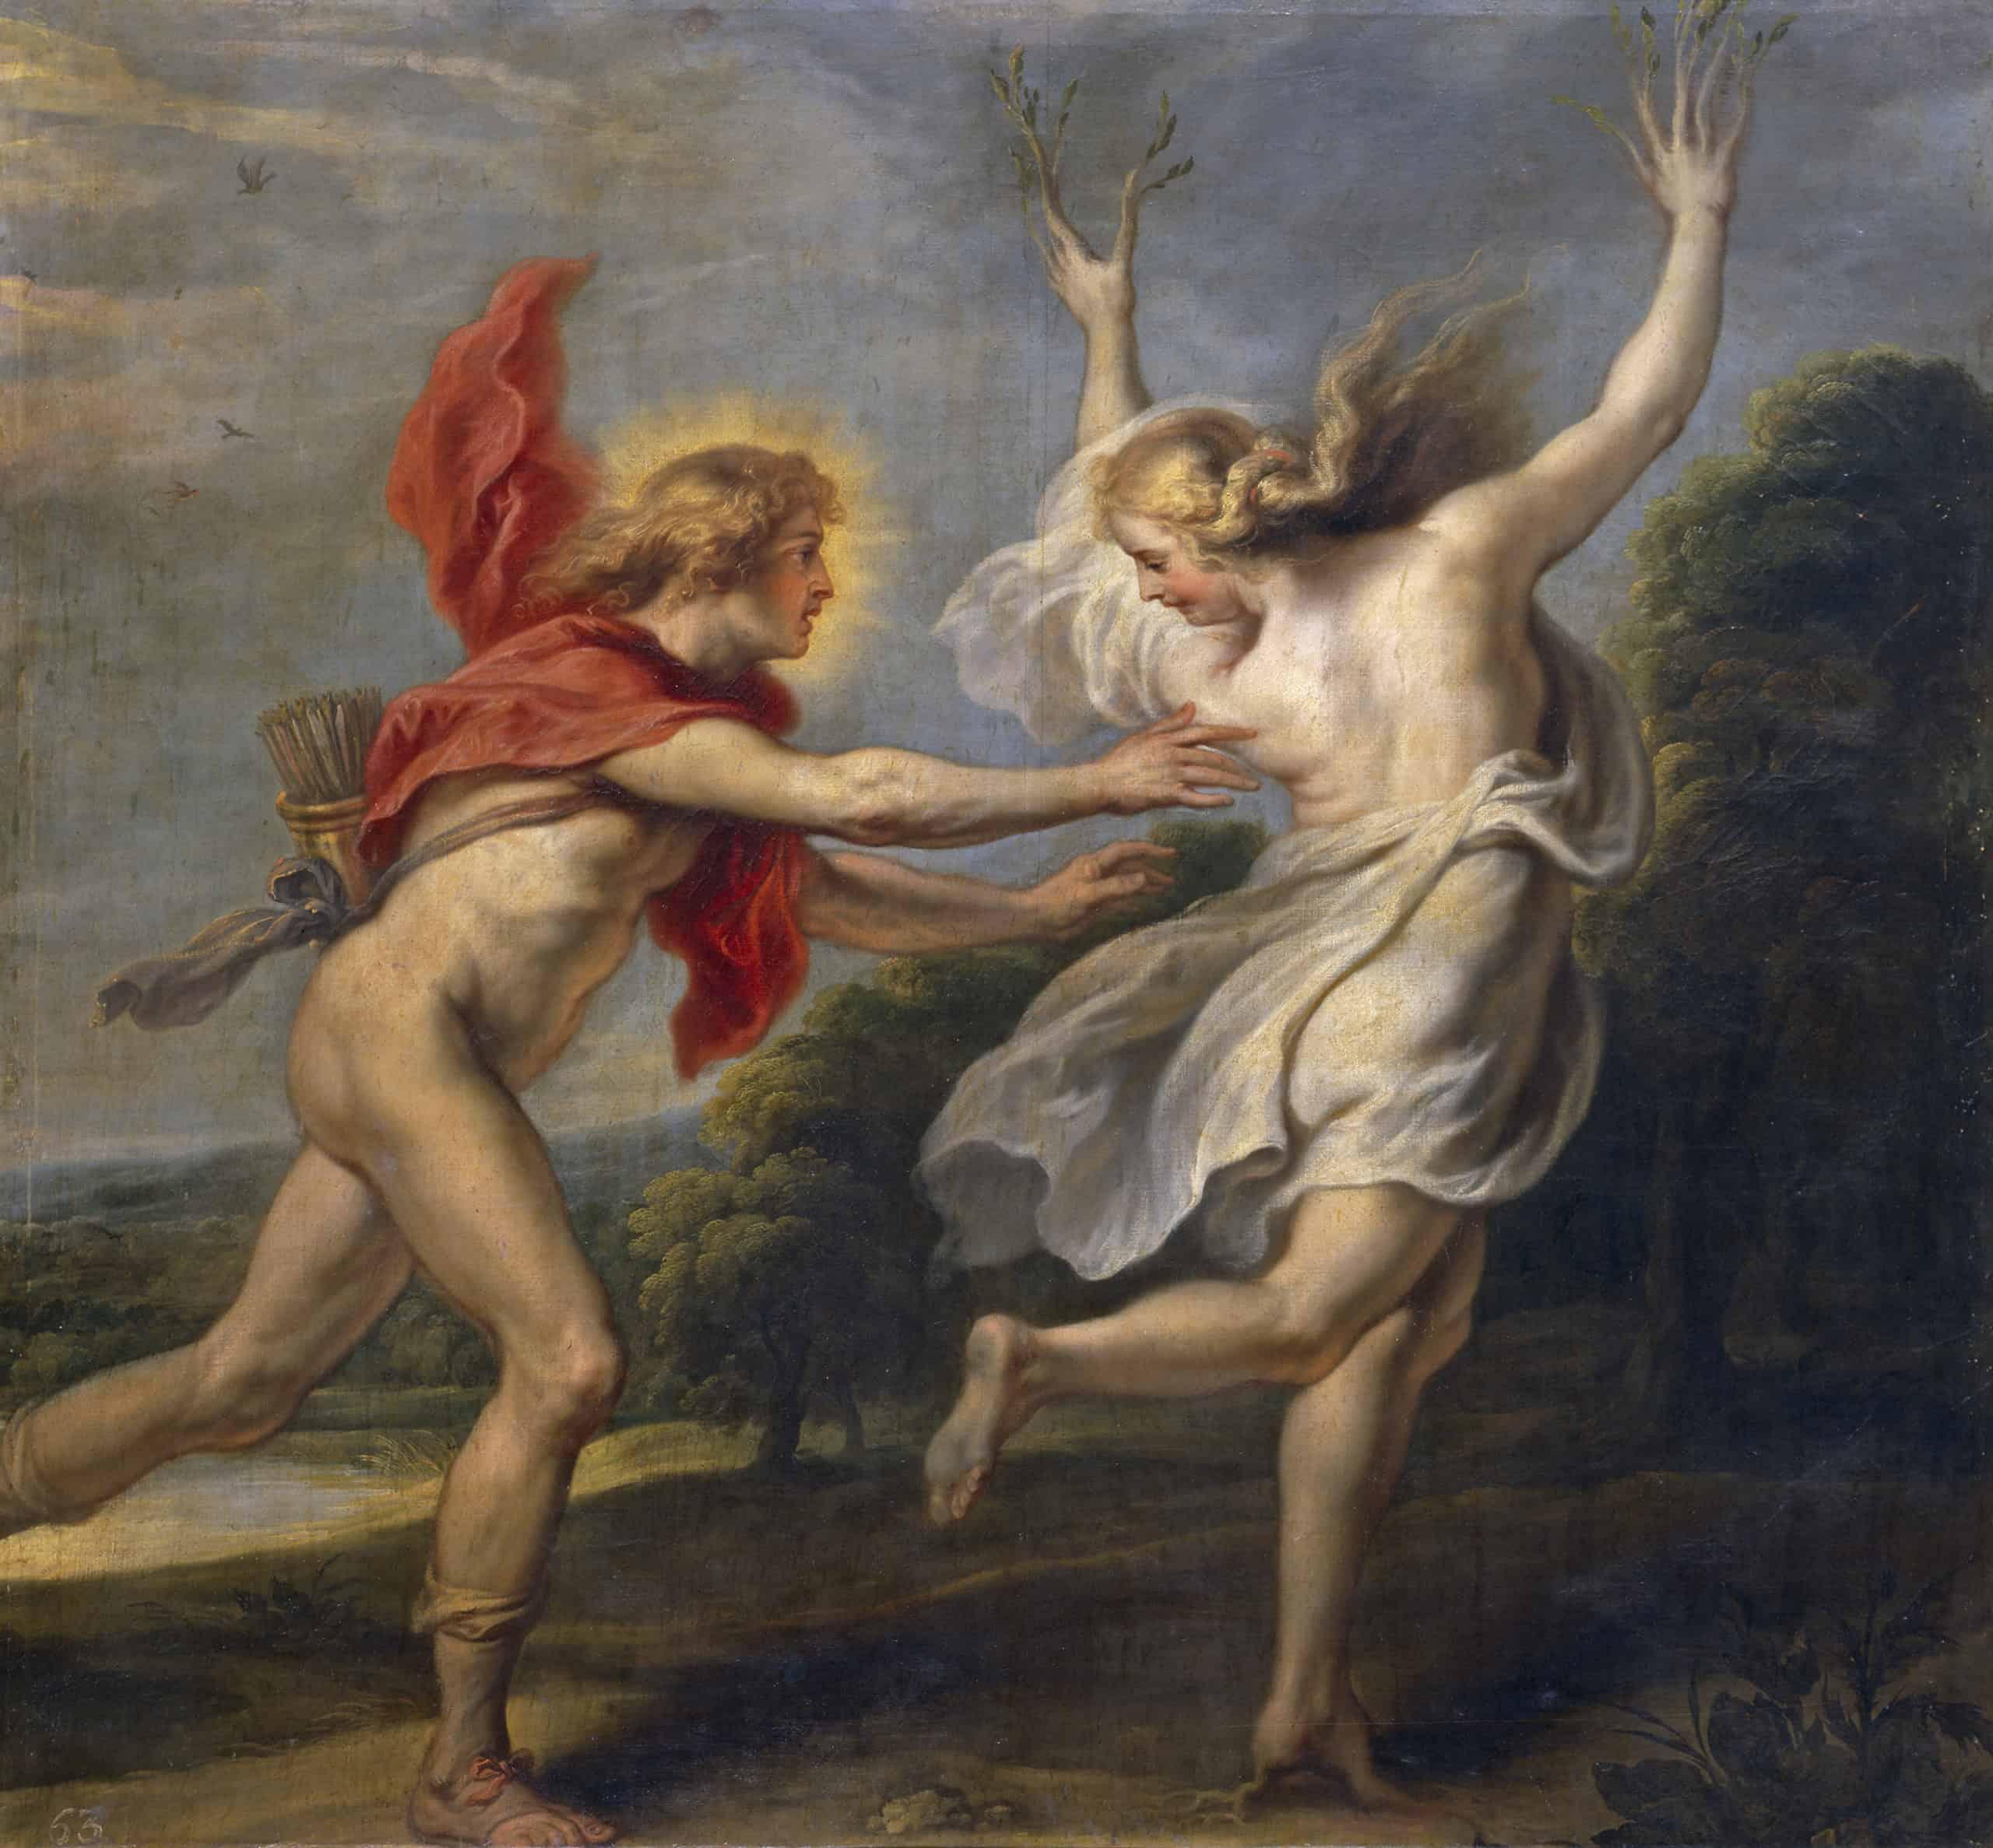 אפולו רודף אחרי דפני, קורנליס דה ווס